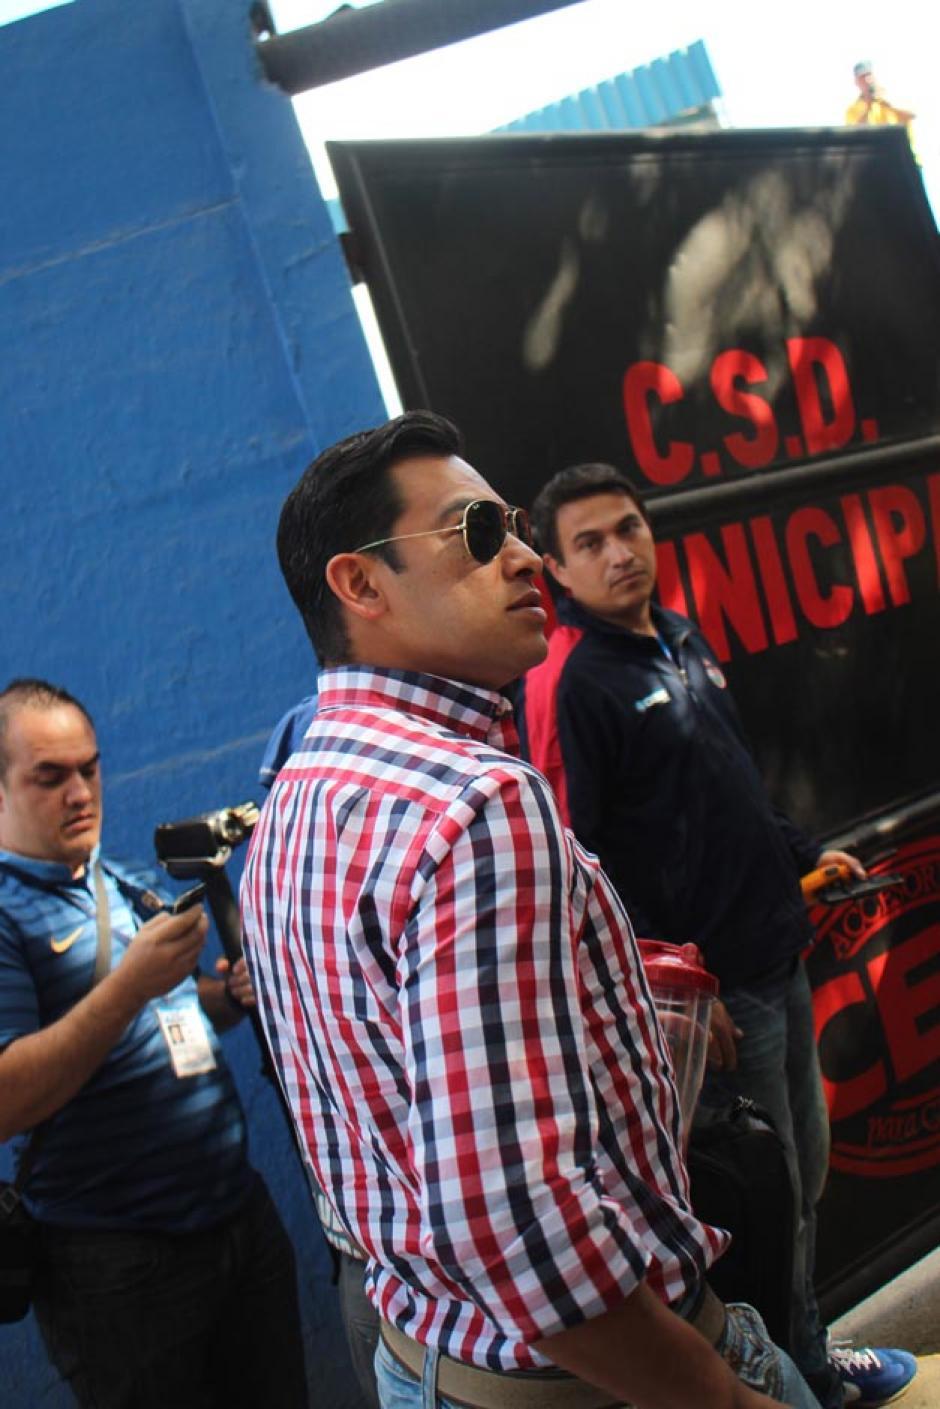 Carlos Ruiz saludó a los medios y se mostró muy contento previo al juego. (Foto: José Dávila/Soy502)